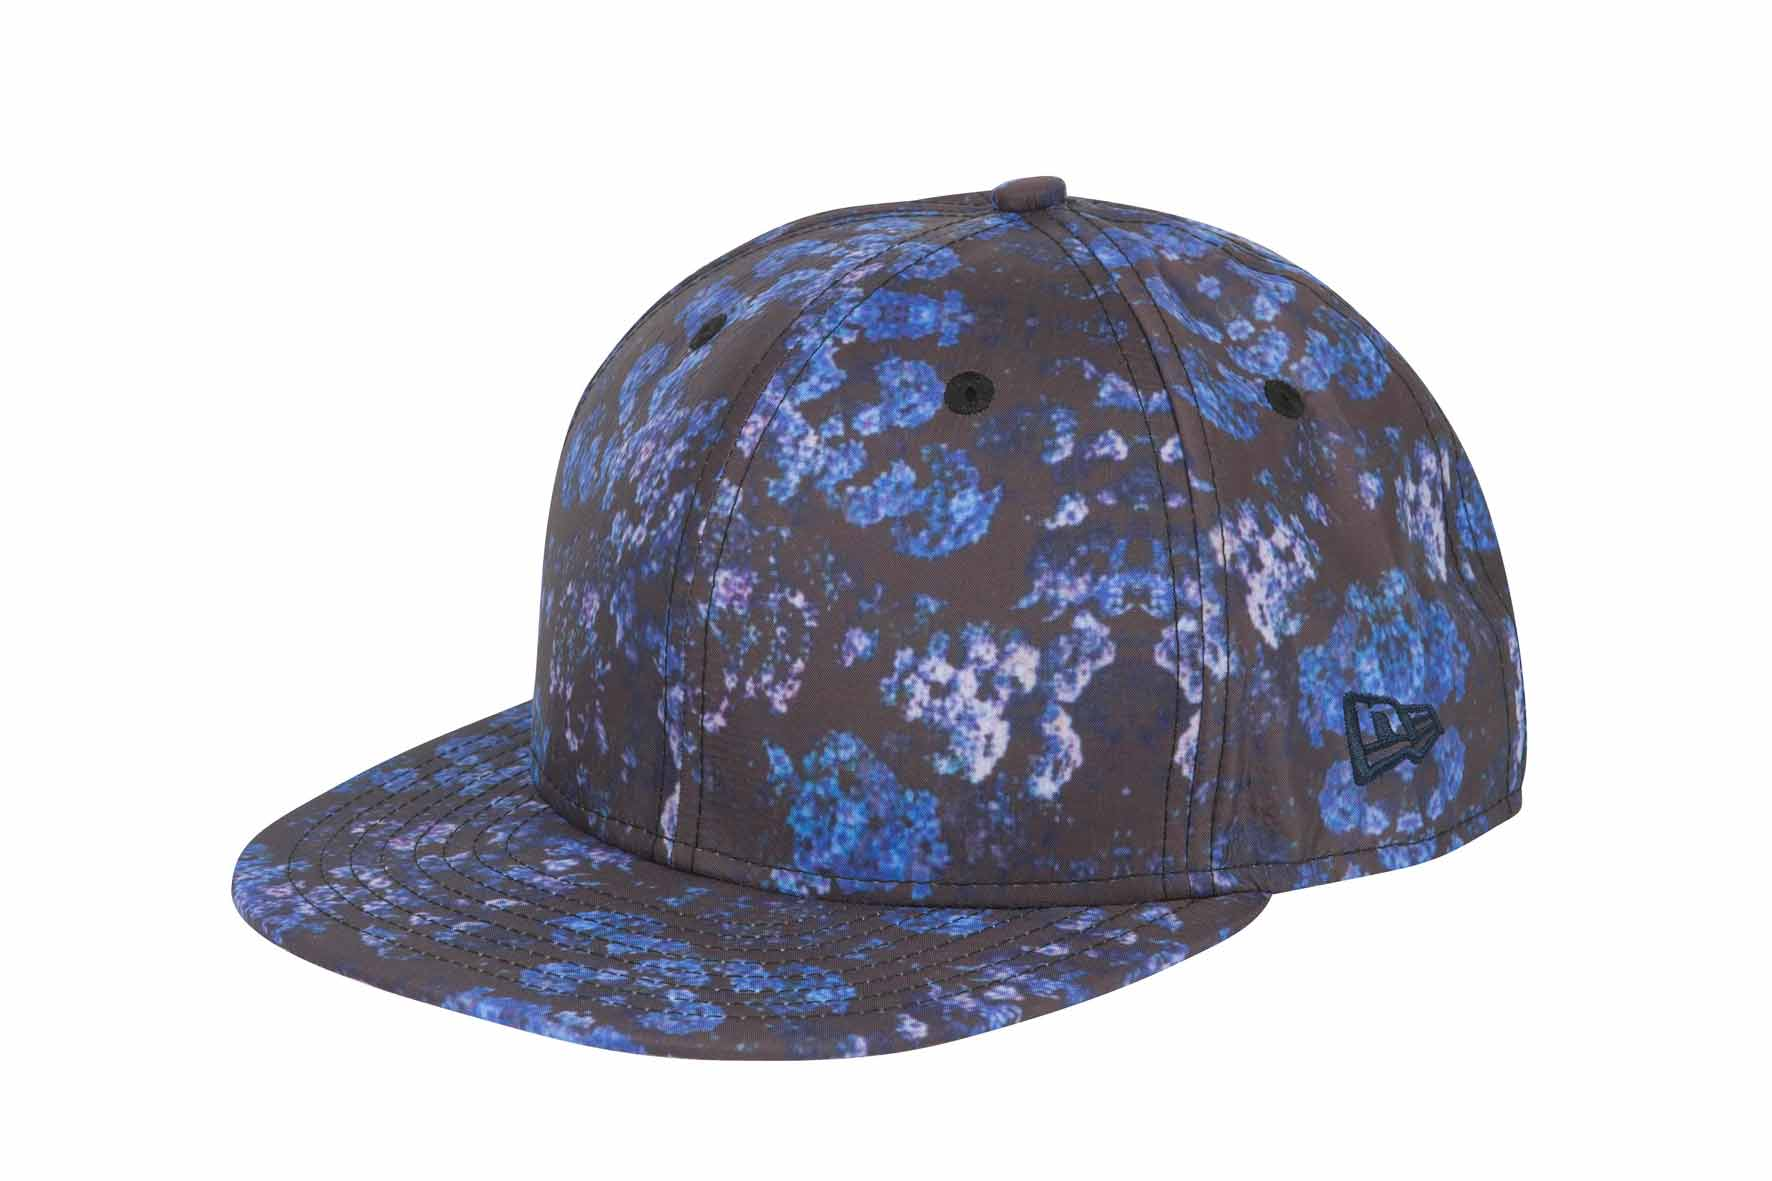 89_Kinski_Assasin_blue_floral.jpg